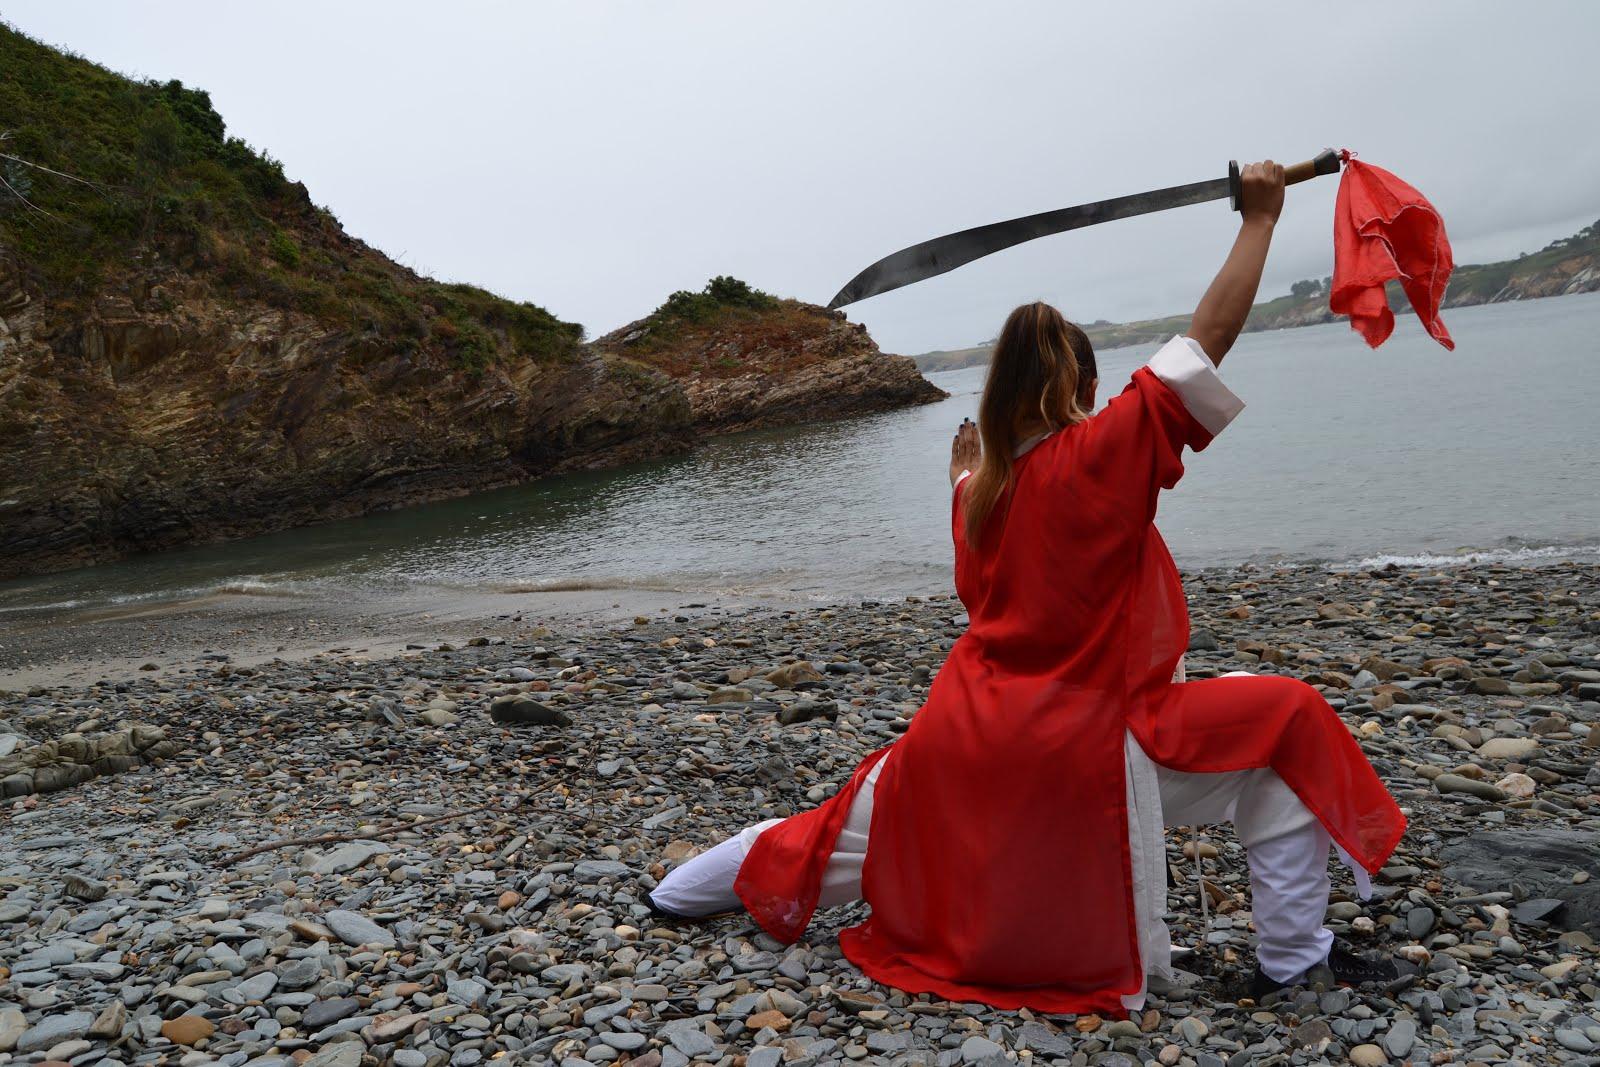 Shaolin en España Kung Fu Madrid - Infantil y Adultos :Información 626 992 139